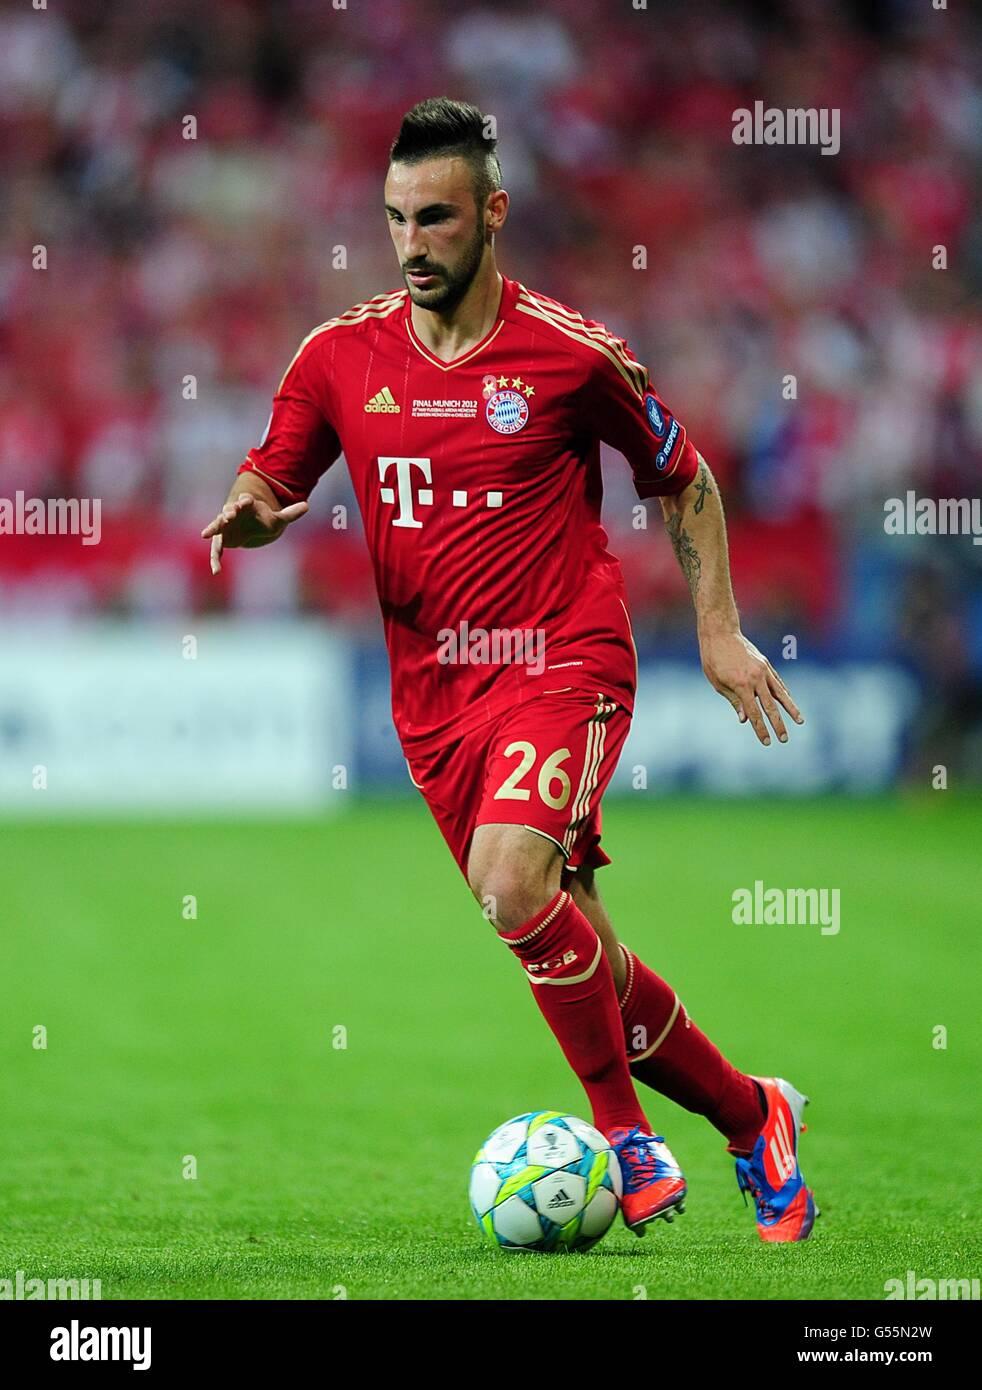 Soccer - UEFA Champions League - finale - Bayern Munich v Chelsea - Allianz Arena Immagini Stock